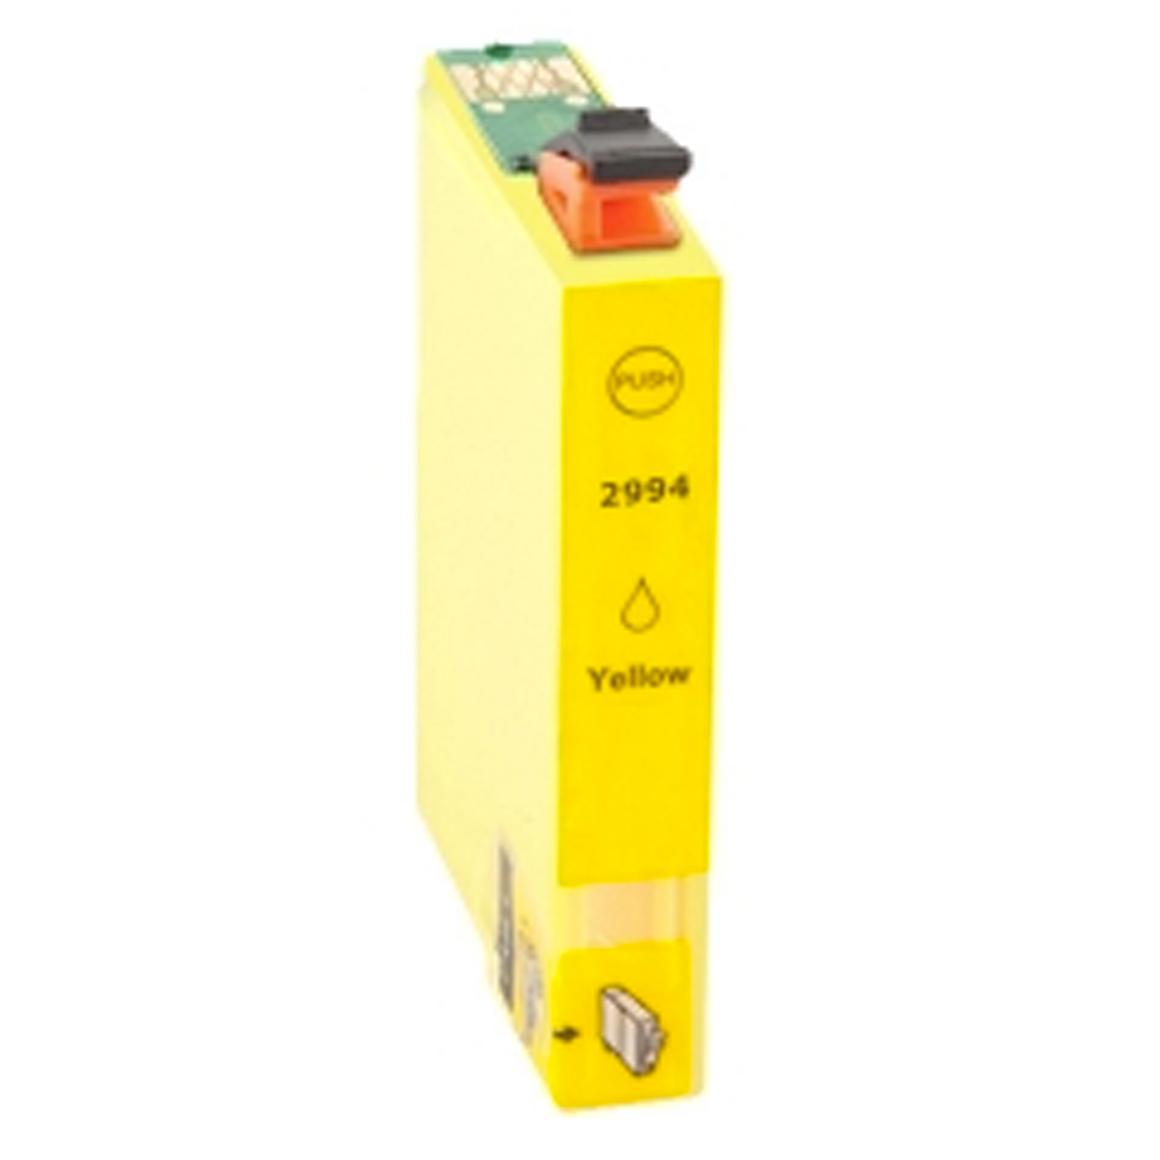 Afbeelding van Epson Expression Home XP 257 inkt cartridge Yellow 29 Xl T2994 (huismerk inktcartridges)